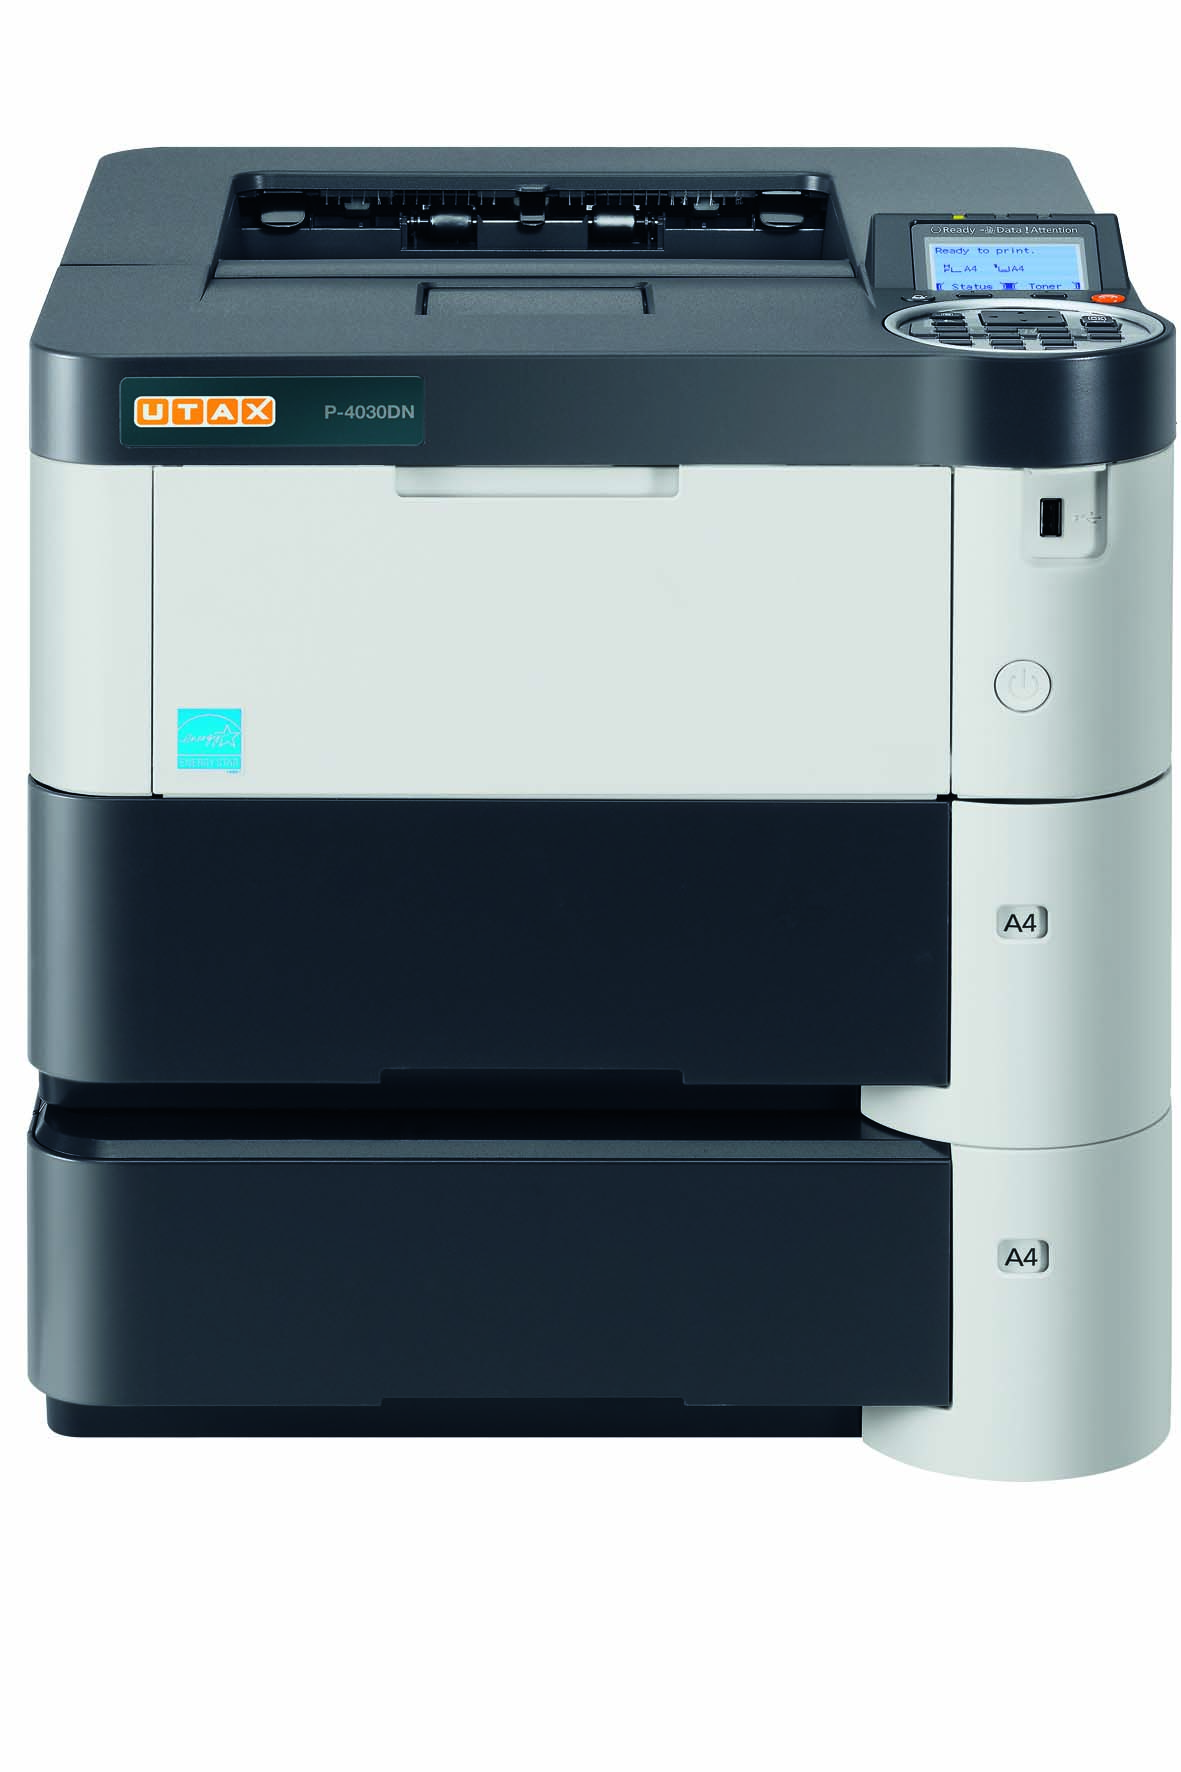 UTAX P-6030DN